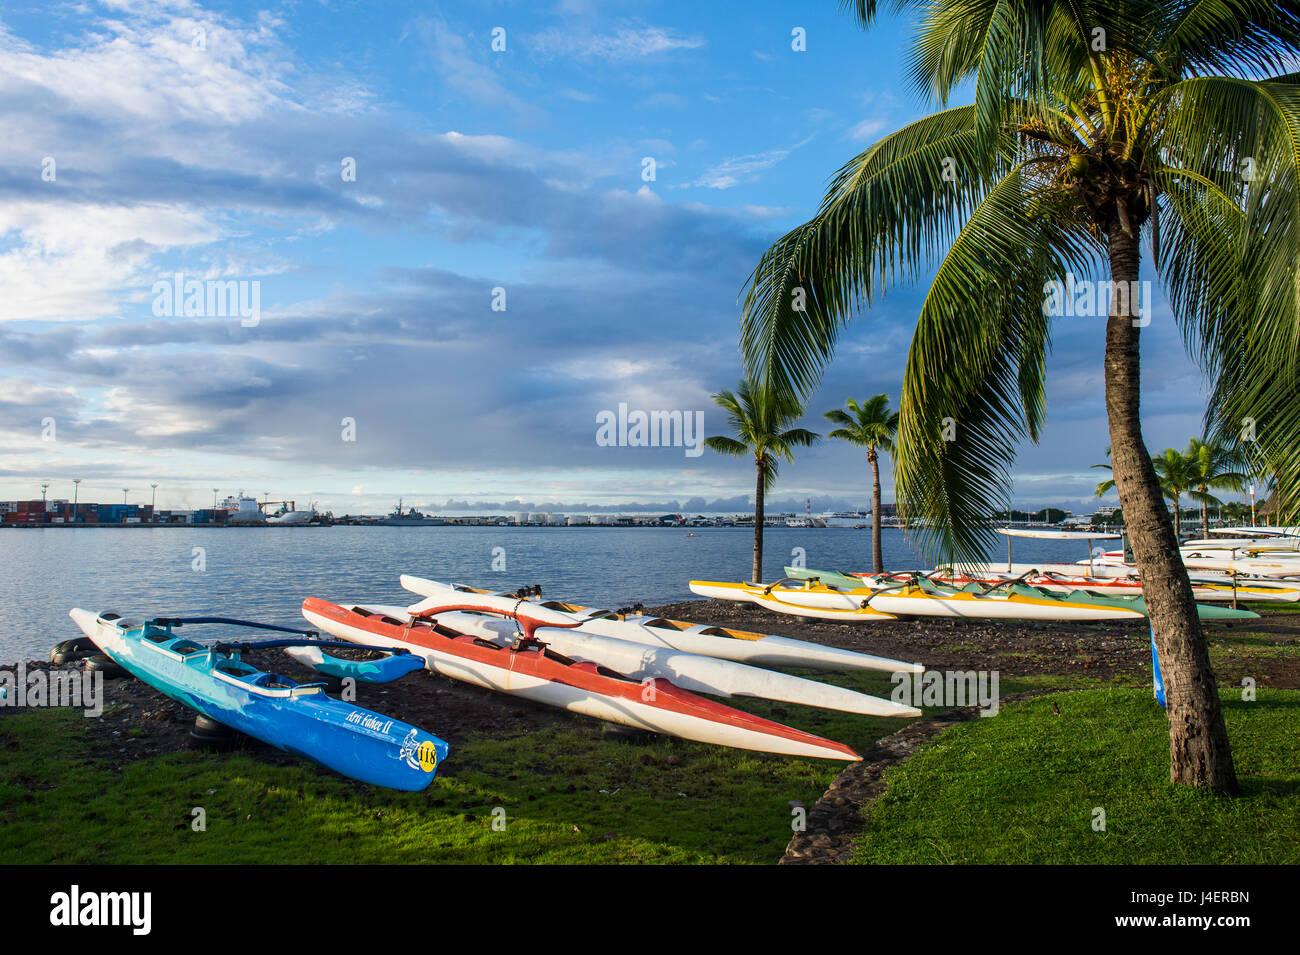 Muchos kayaks en la playa de Papeete, Tahití, Islas Sociedad, Polinesia Francesa, el Pacífico Imagen De Stock